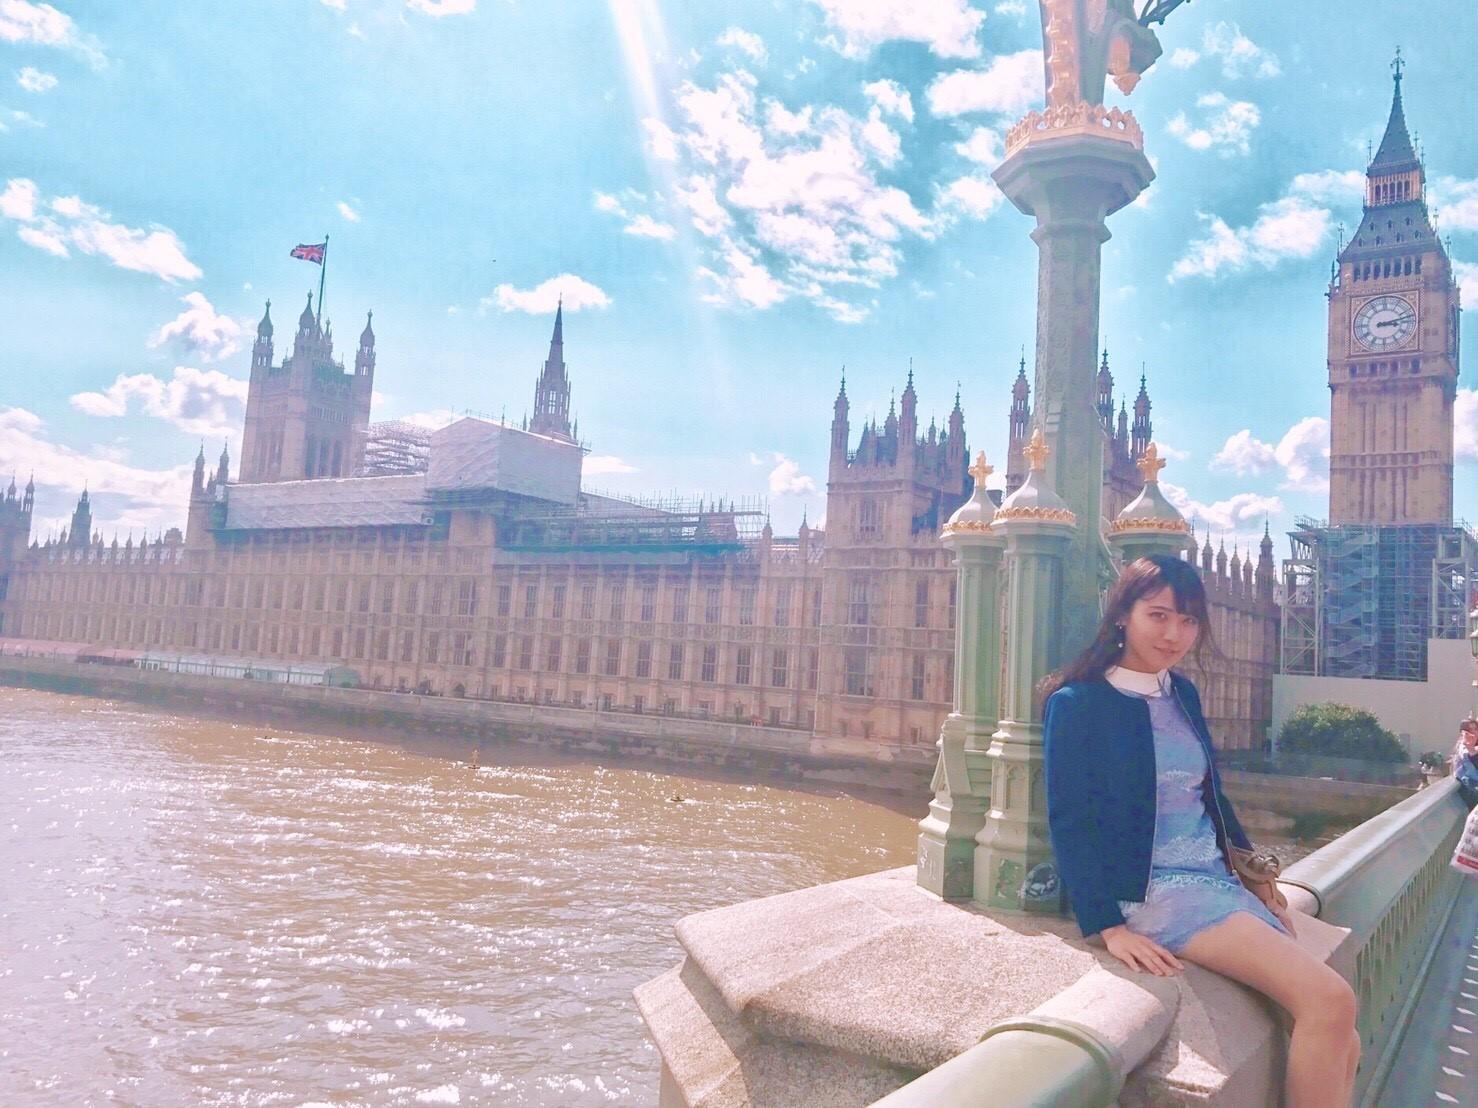 【ロンドン】でインスタグラム写真を撮ろう!_1_4